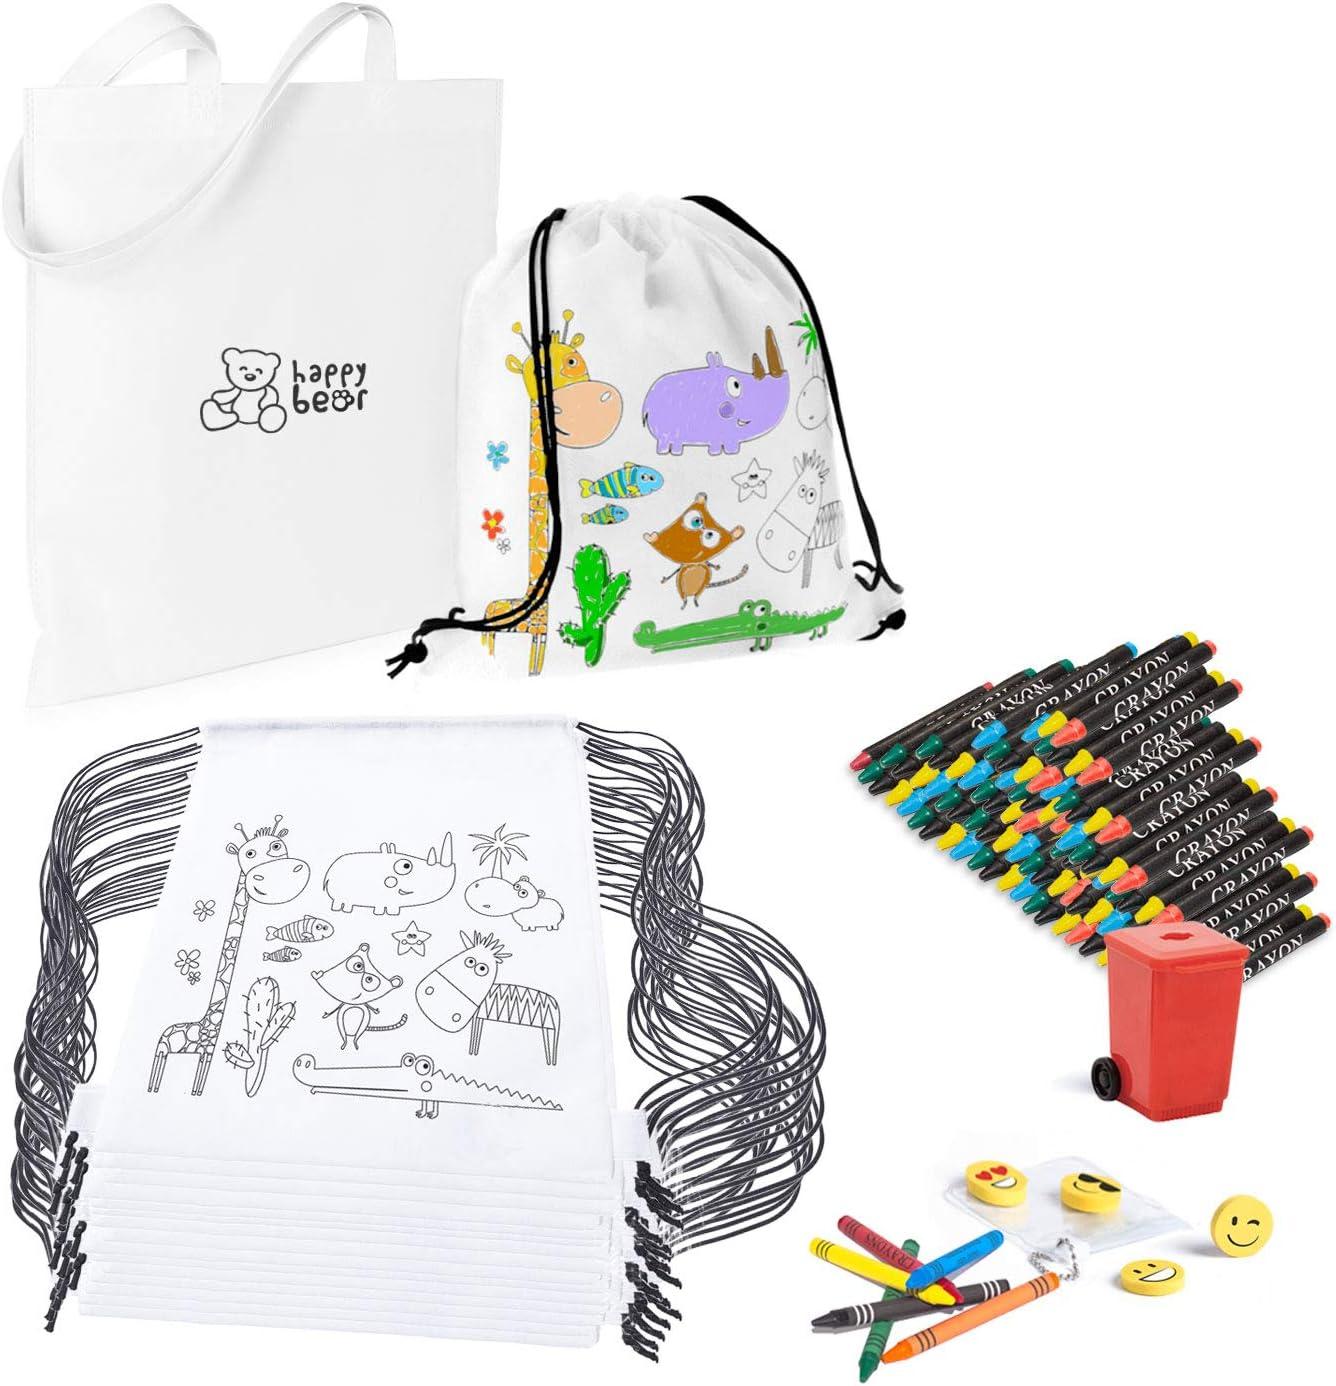 Mega Pack de 30 Mochilas para Pintar con Ceras - Diversión Asegurada - Original Regalo para Cumpleaños, Fiestas Infantiles en el Colegio y Comuniones - Incluye Regalos Extra para Divertido Concurso: Amazon.es: